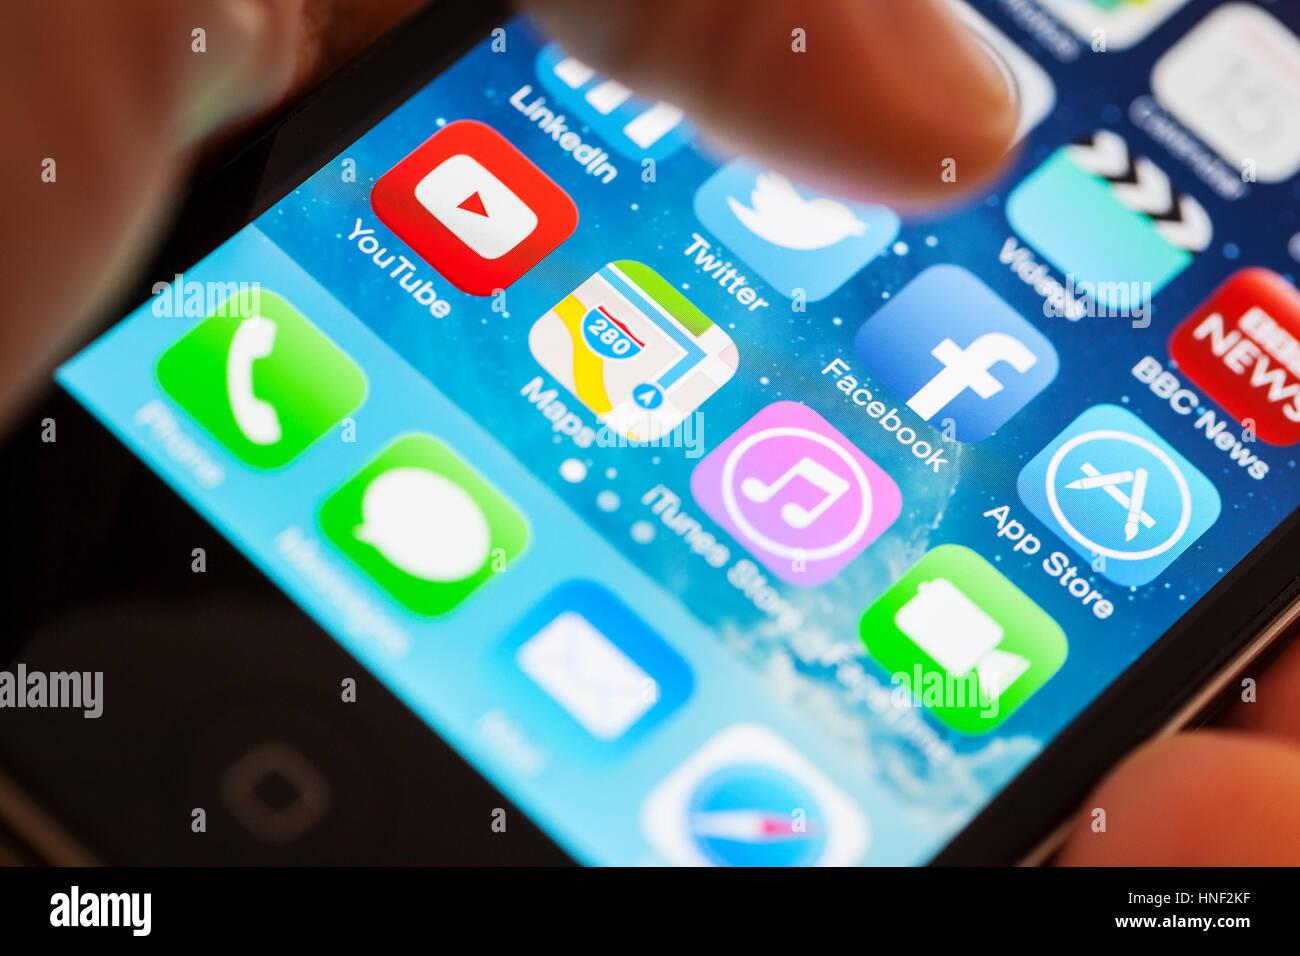 BATH, Reino Unido - 15 de enero de 2014: Cerca de un Apple iPhone 4S Screen con un pulgar del hombre flotando encima Imagen De Stock